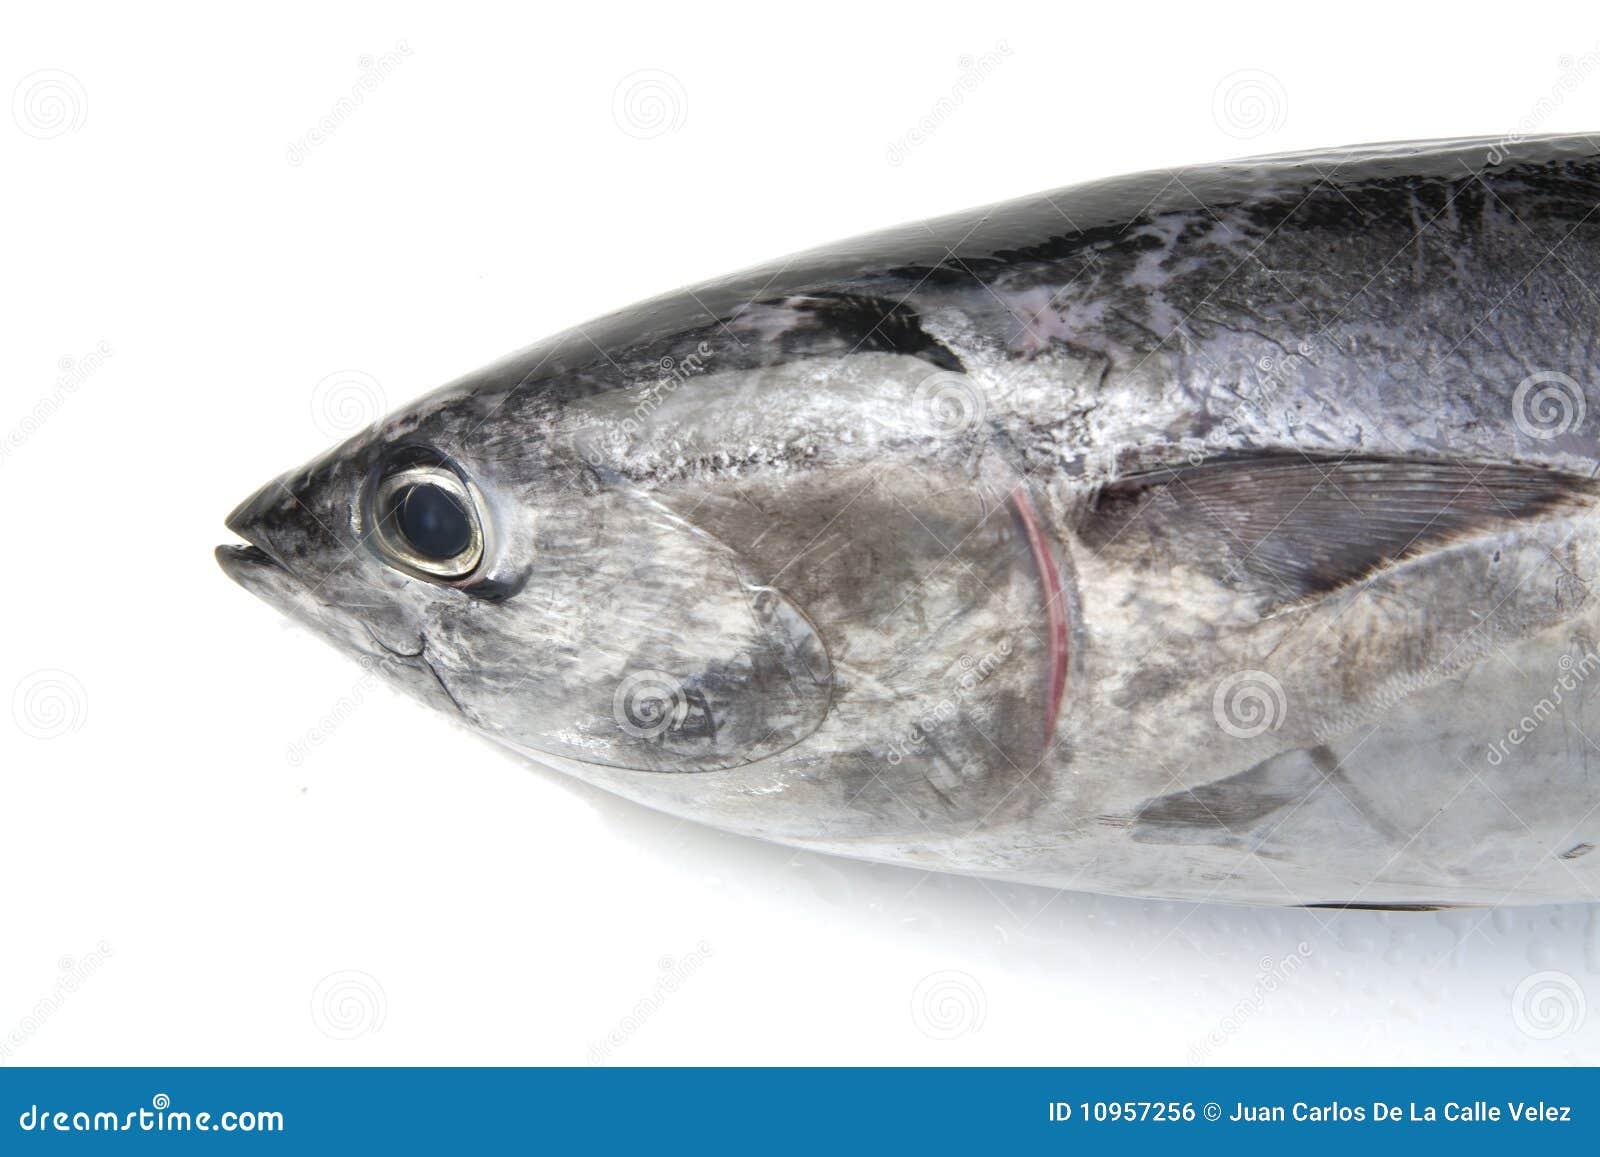 Tuna fish head stock photo image of seafood fish for Is tuna fish healthy